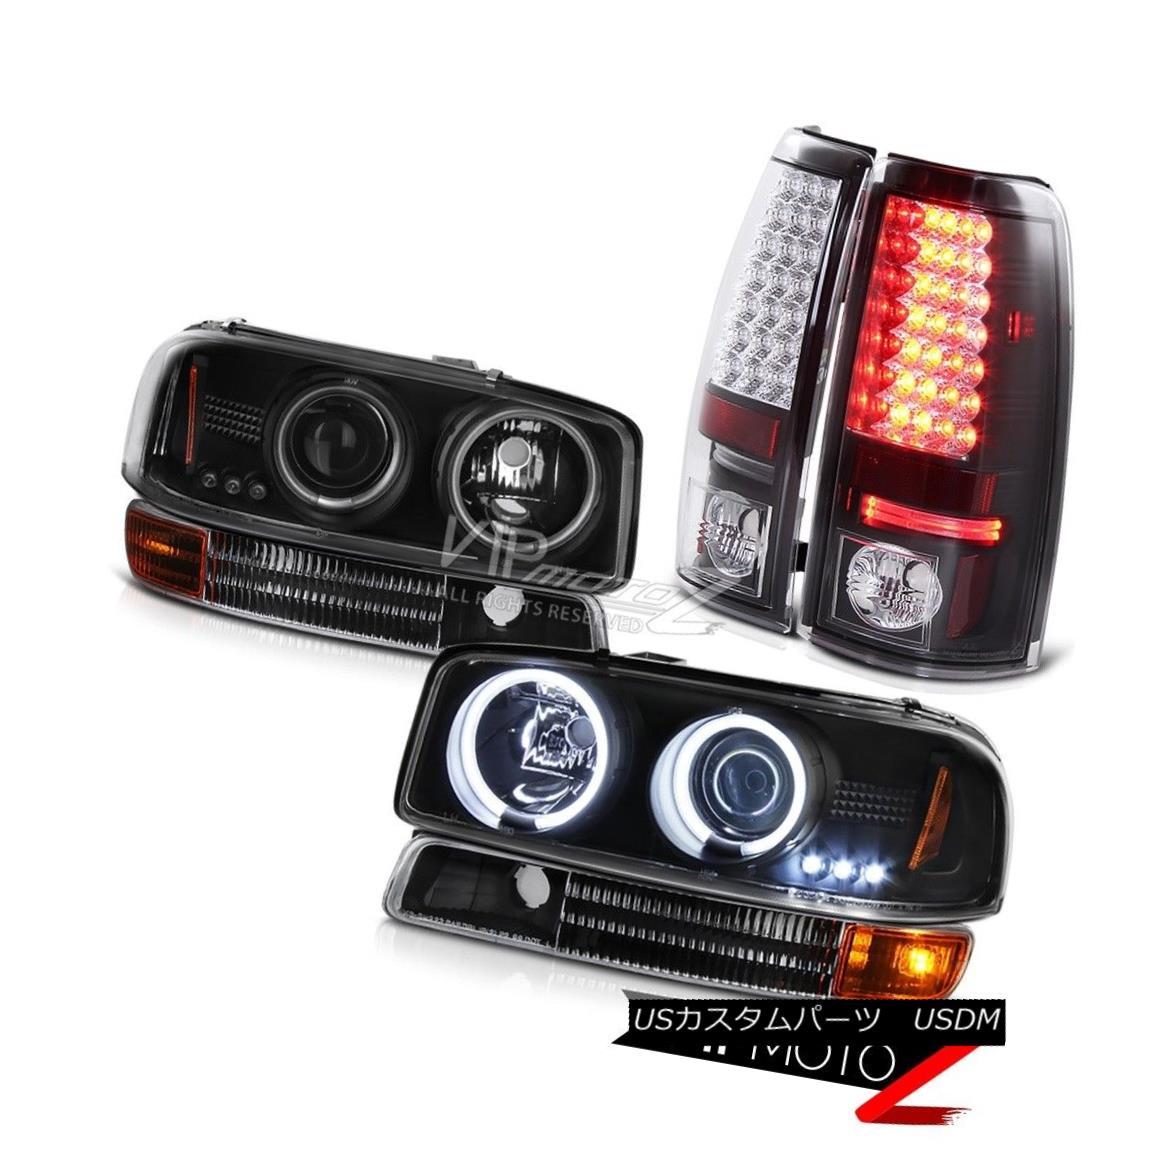 ヘッドライト 1999-2003 Sierra SLE Angel Eye CCFL Headlamps Bumper LED SMD Tail Light Assembly 1999-2003シエラSLEエンジェルアイCCFLヘッドランプバンパーLED SMDテールライトアセンブリ